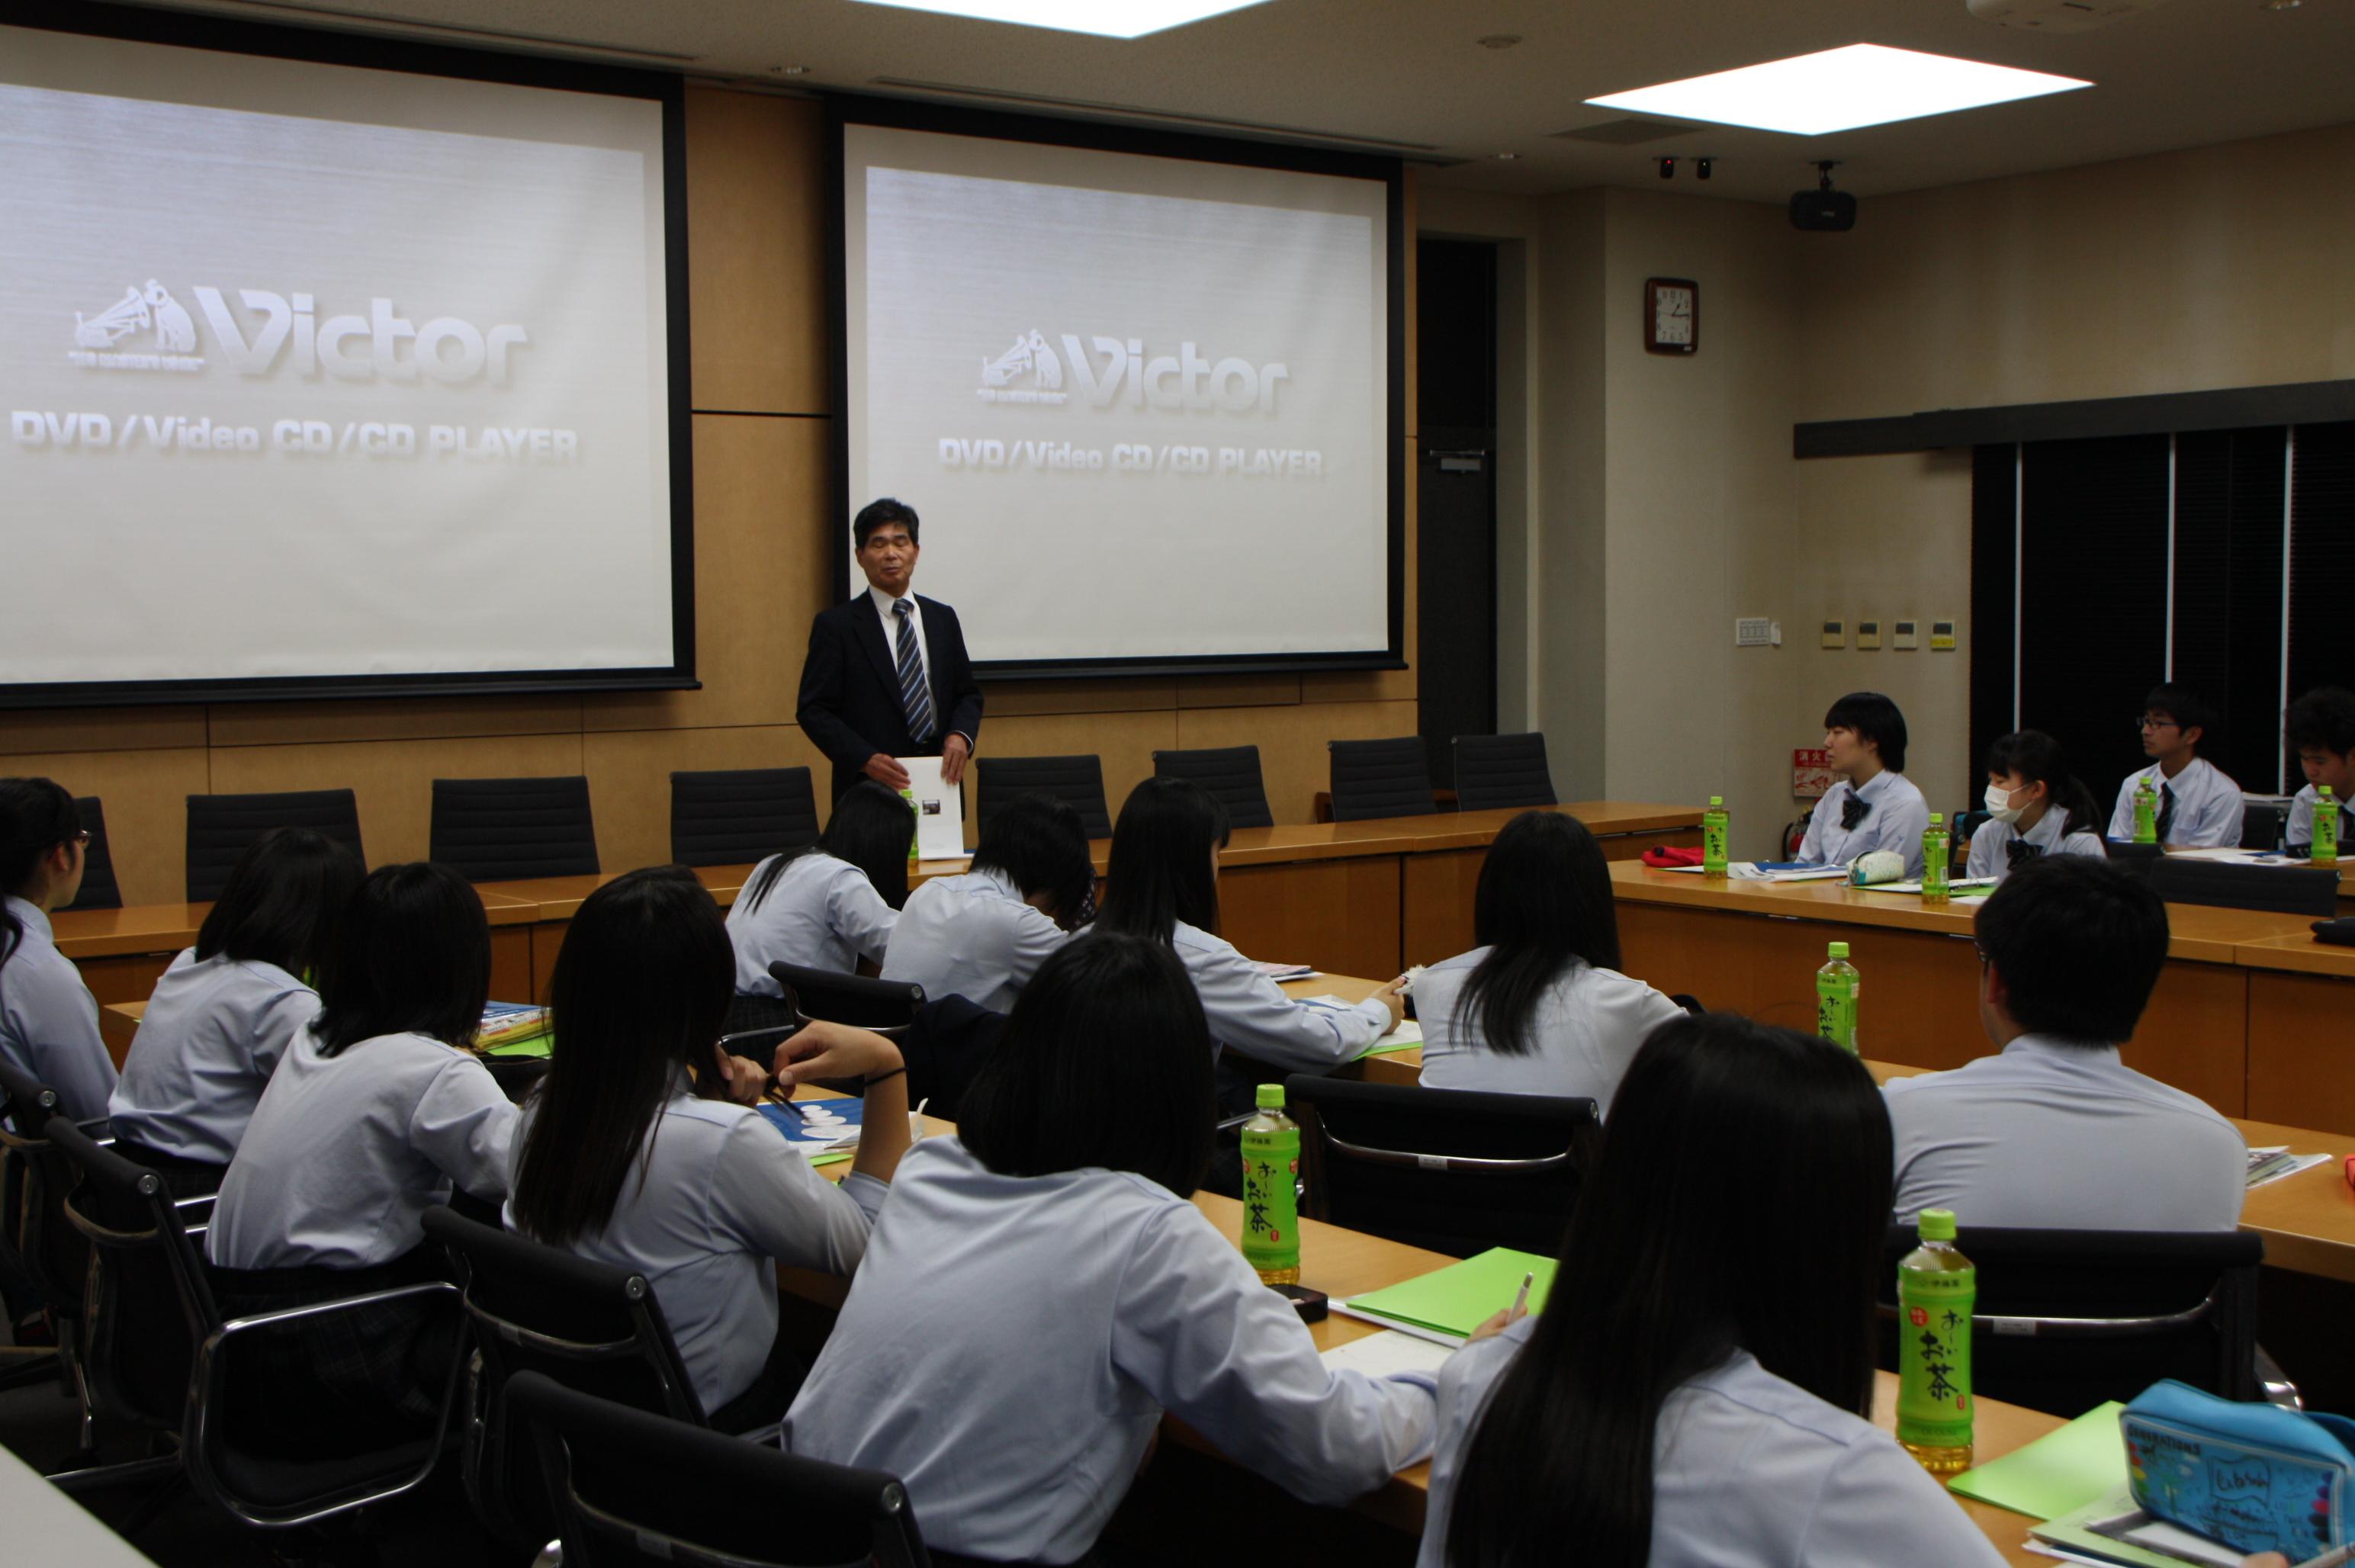 栃木県立足利南高校の皆さんが大学見学